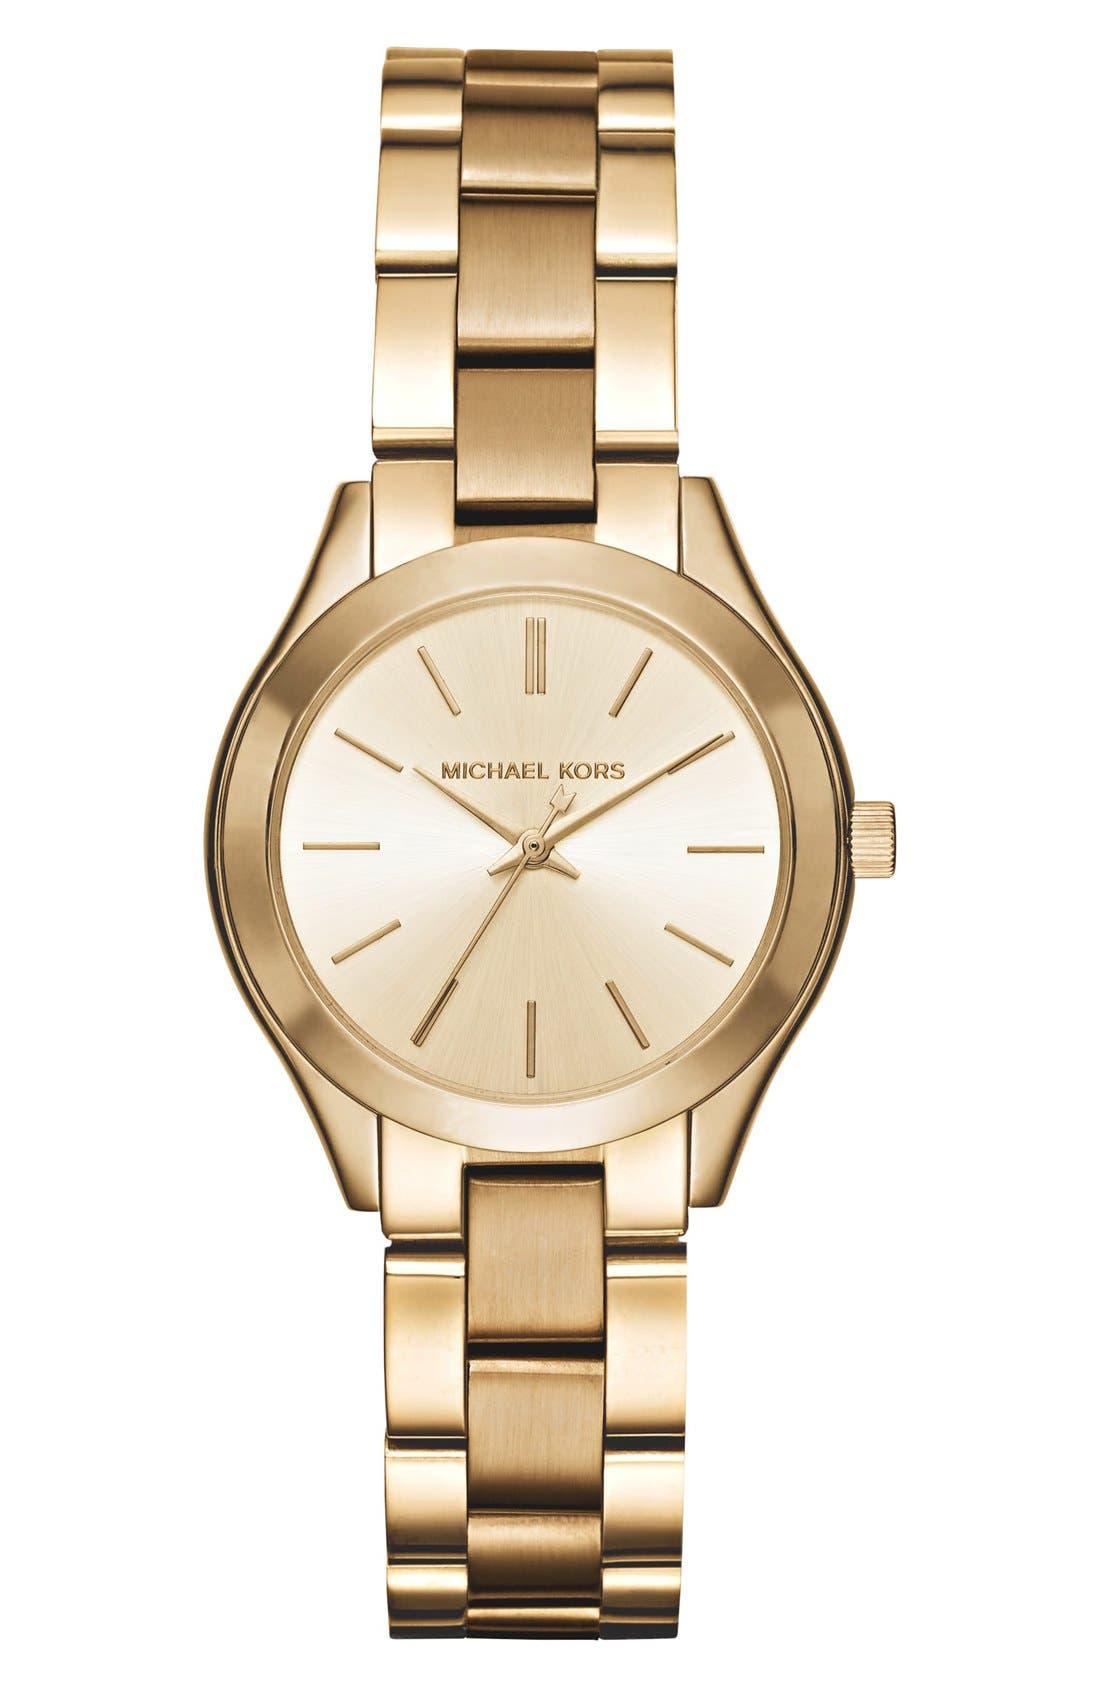 Michael Kors 'Slim Runway' Bracelet Watch, 33mm